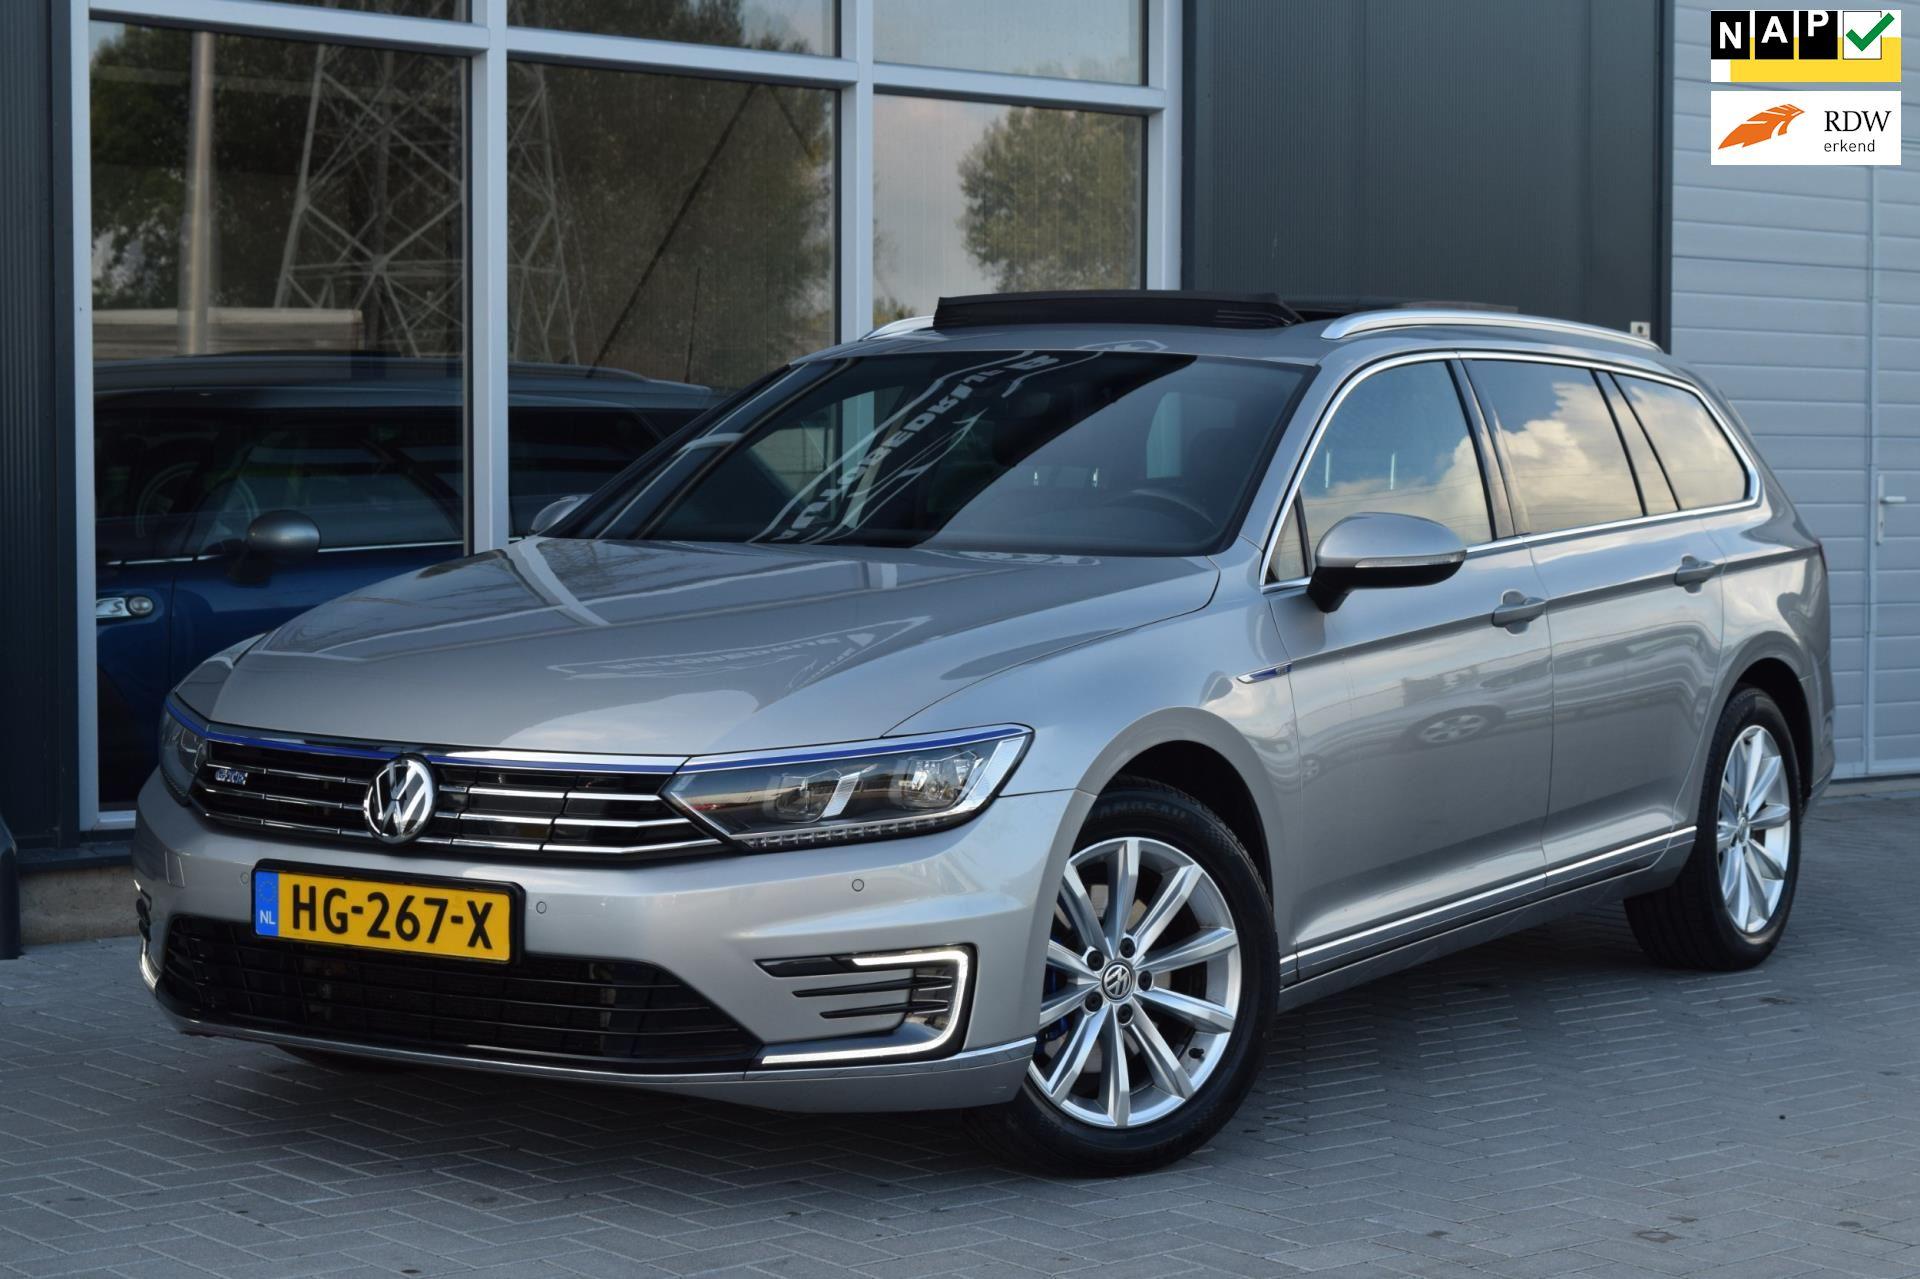 Volkswagen Passat Variant occasion - Autobedrijf Bak